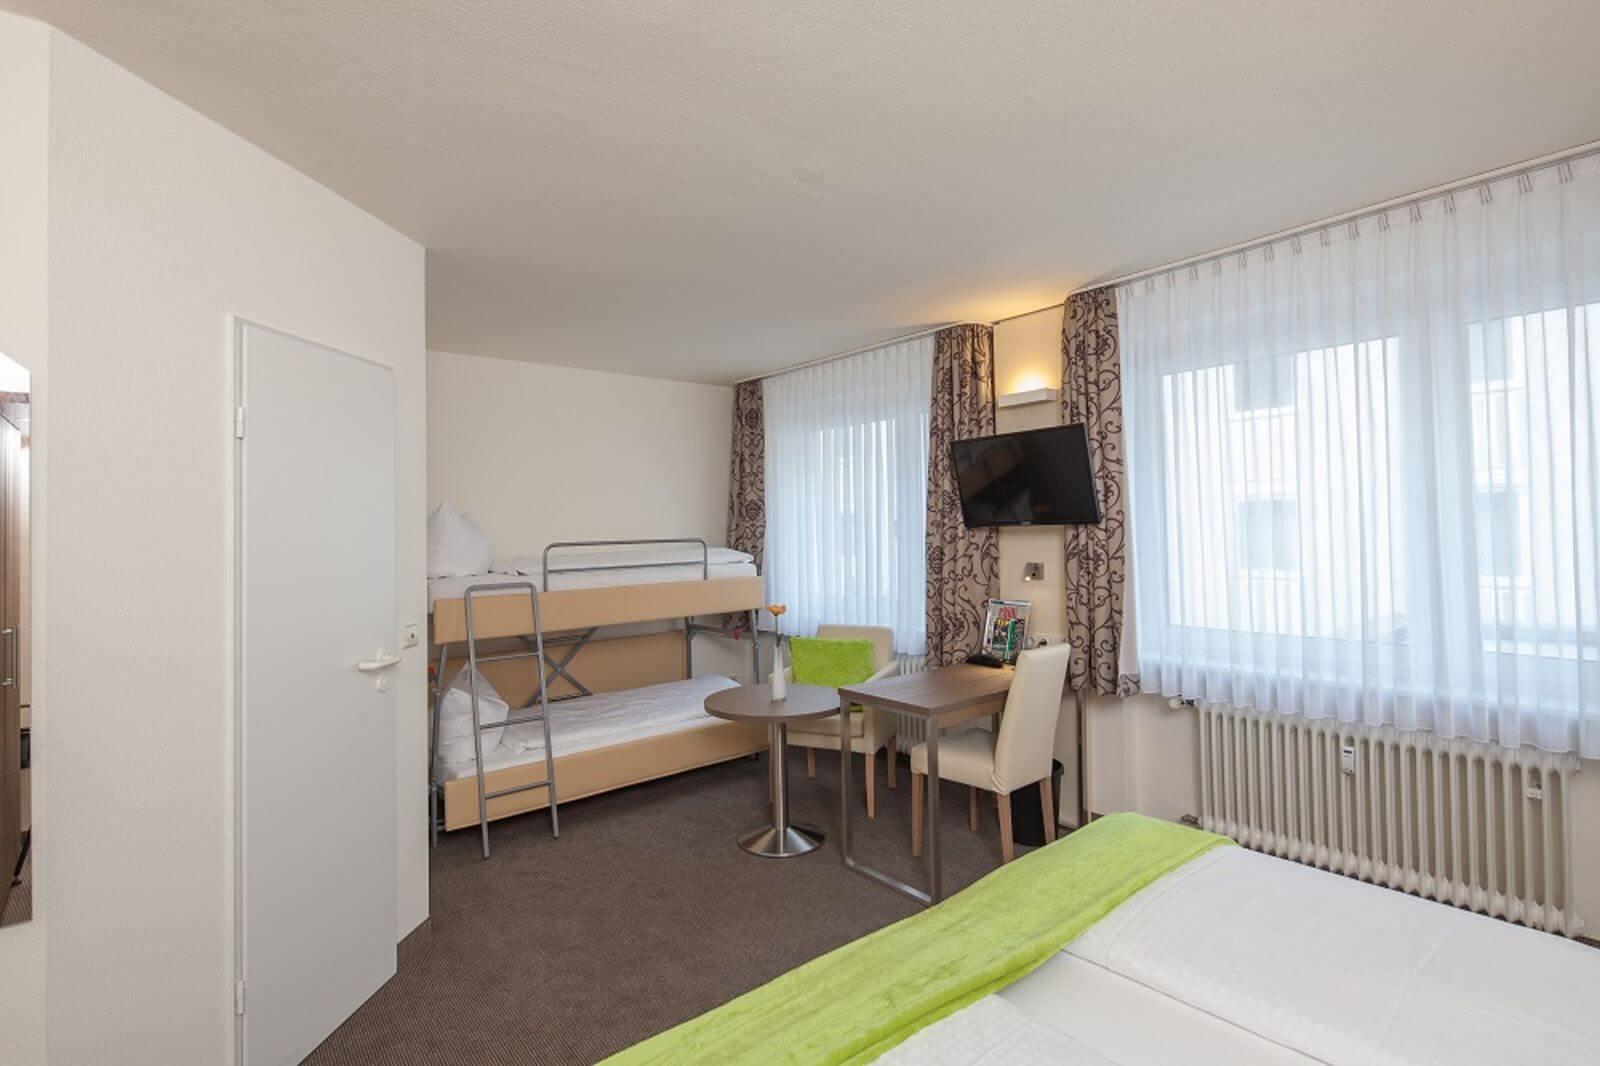 familienzimmer-freibettzimmer-garni-pension-freiburg-cityhotel-innenstadt-guenstig (1)